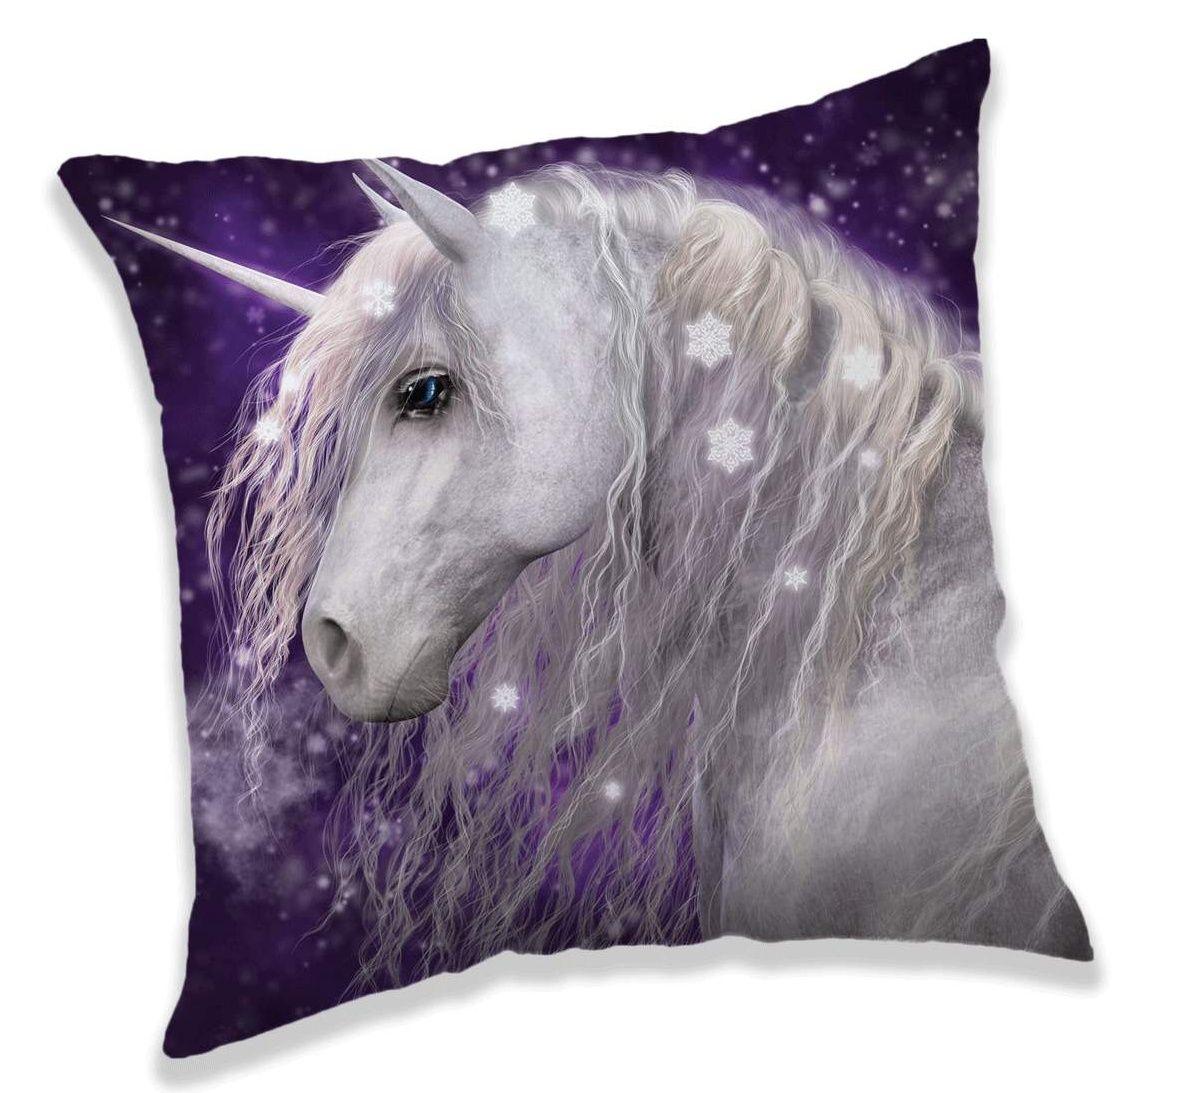 Polštářek pro dívky s motivem Unicorn fialové barvy Jerry Fabrics